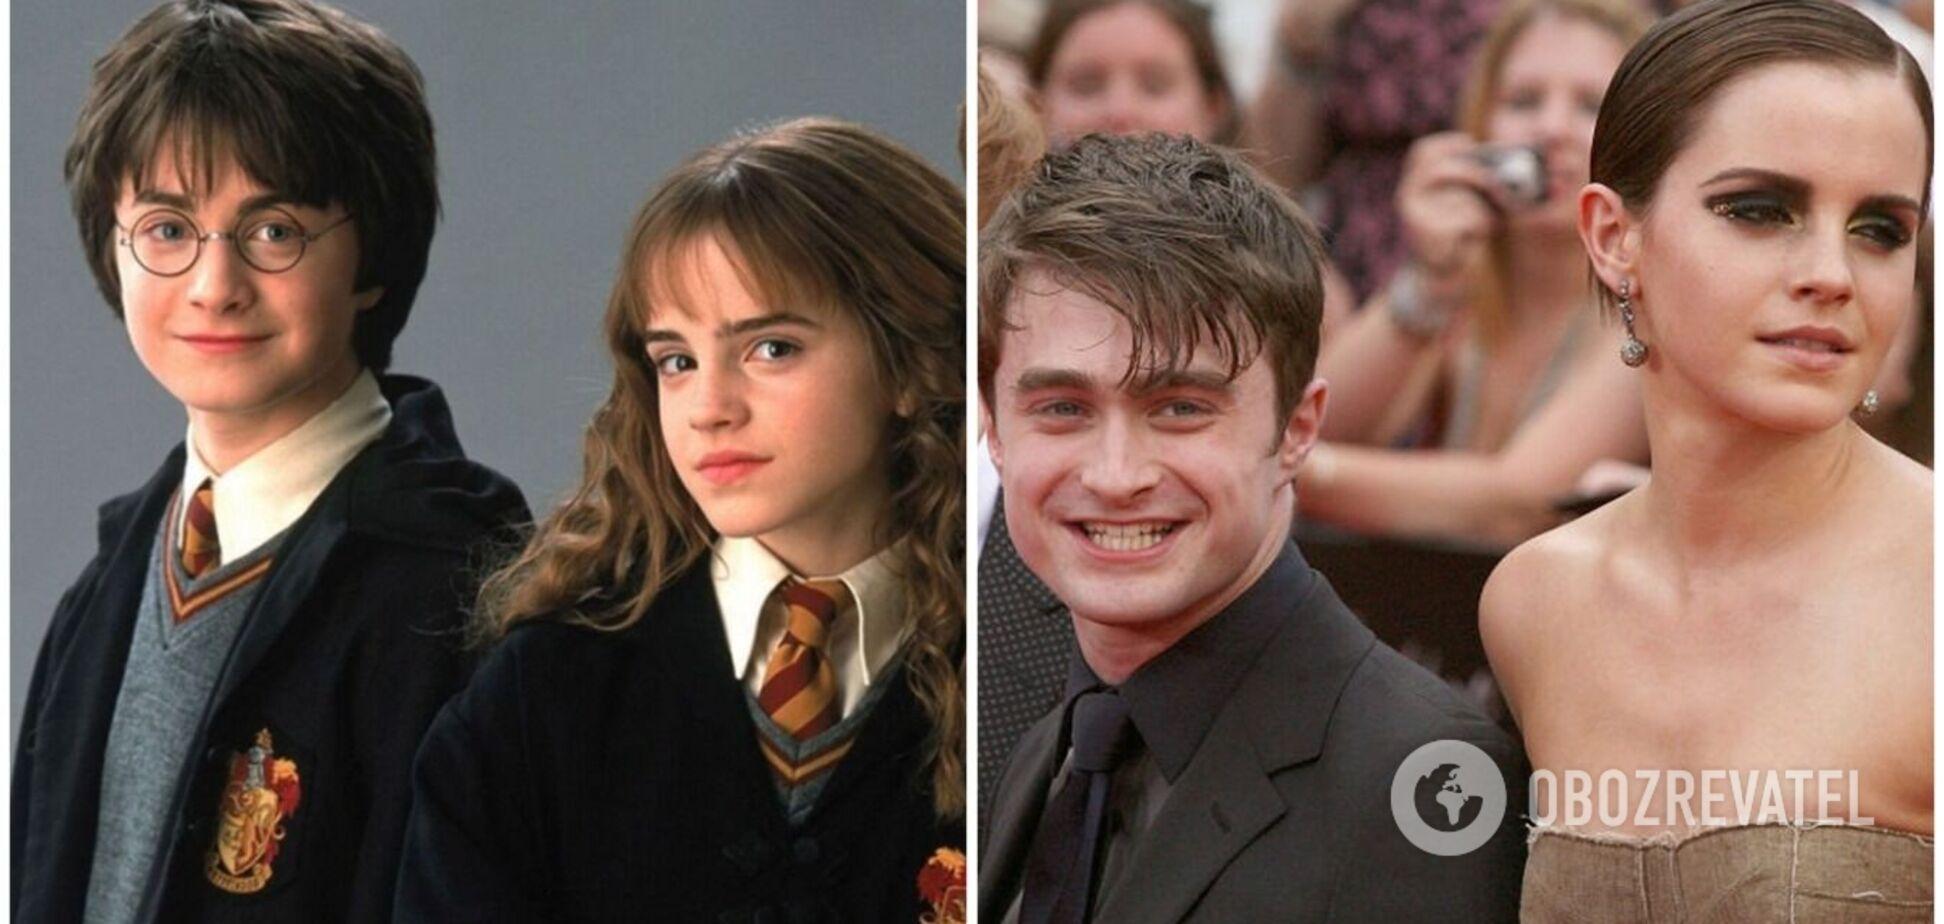 Як змінилися зірки 'Гаррі Поттера' за 20 років. Фото